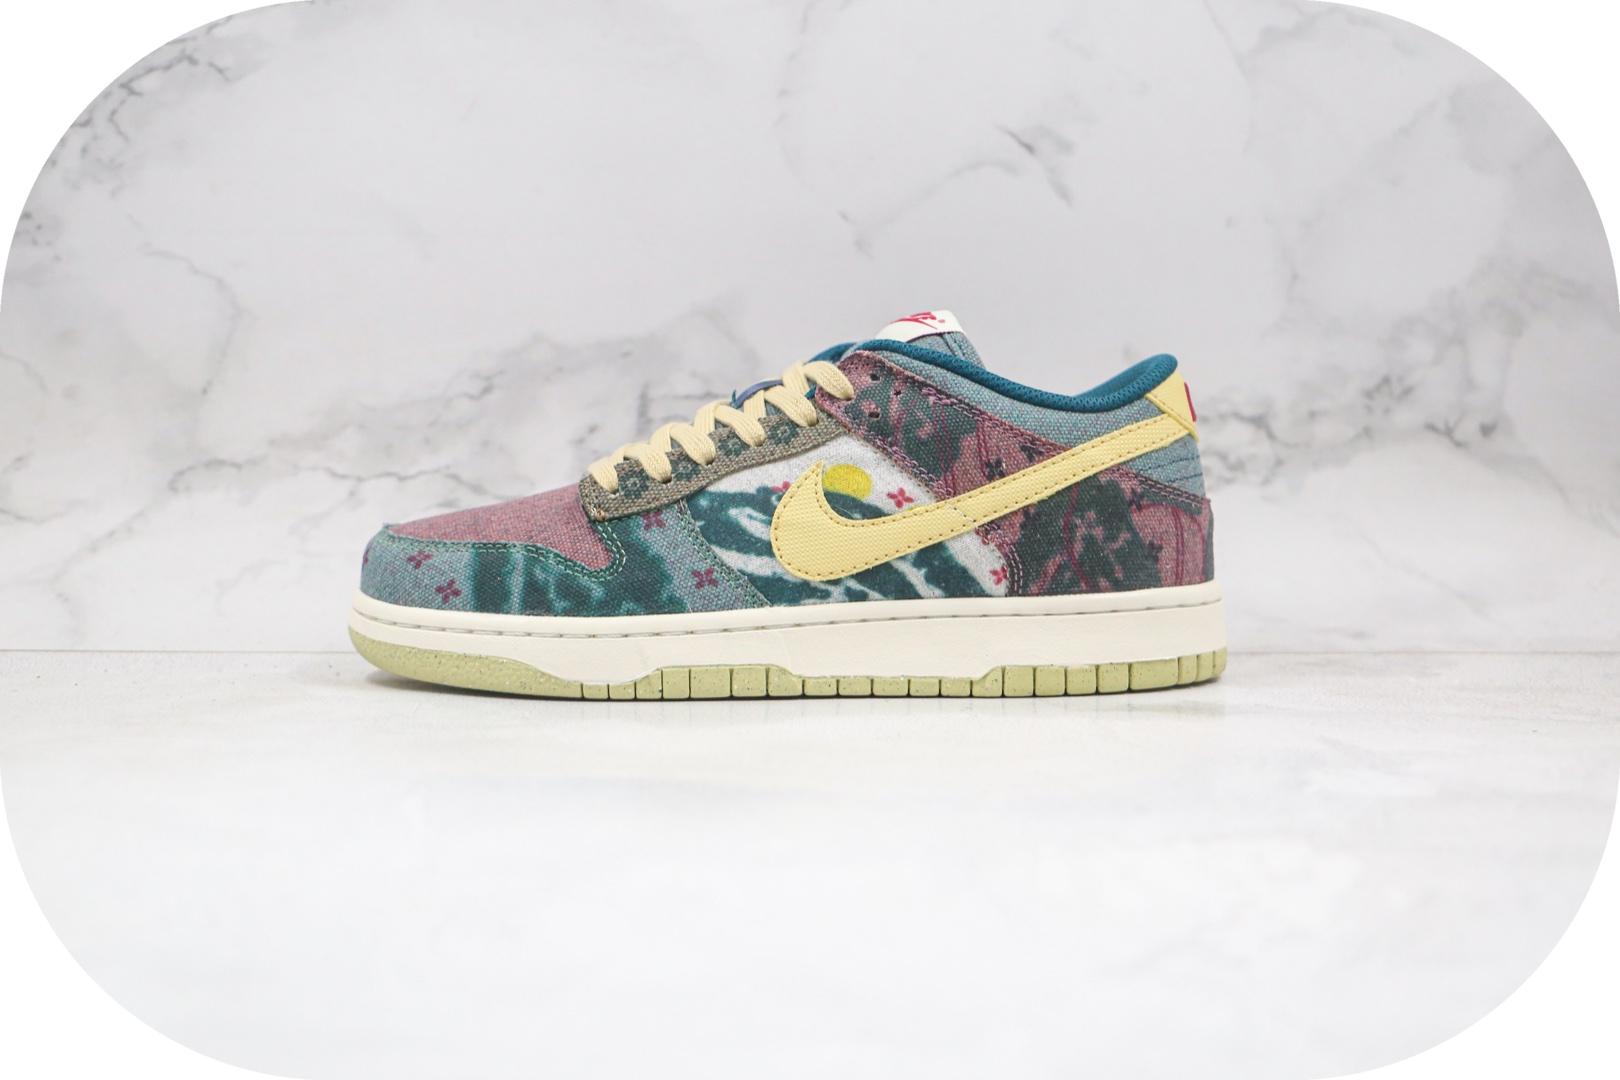 耐克Nike SB Dunk Low Lemon Wash纯原版本低帮SB DUNK扎染印花拼色水洗丹宁板鞋原档案数据开发原盒原标 货号:CZ9747-900